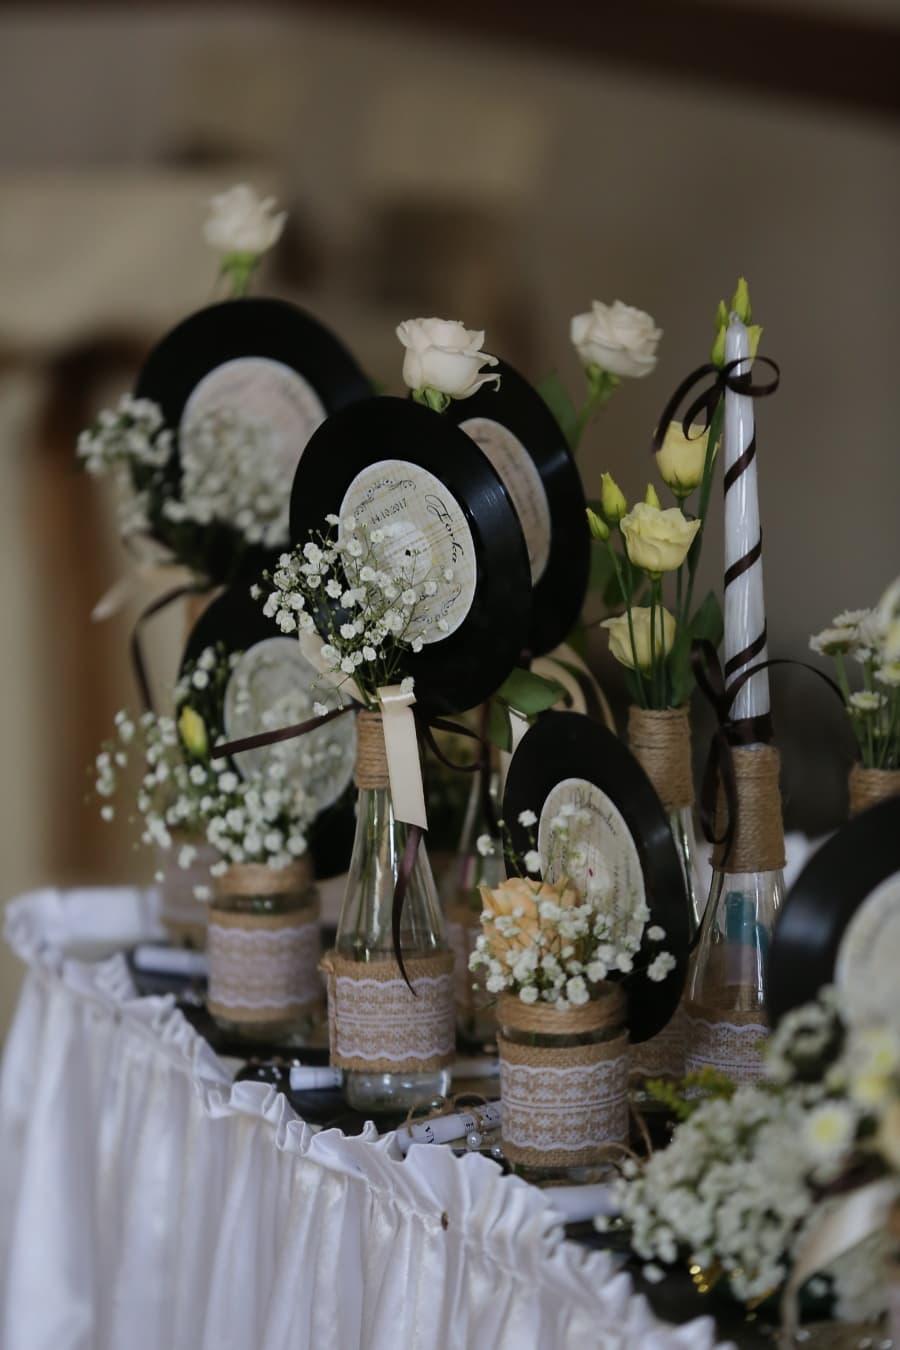 décoration, disque vinyle, nostalgie, fleur, vase, élégant, à l'intérieur, luxe, Design d'intérieur, nature morte